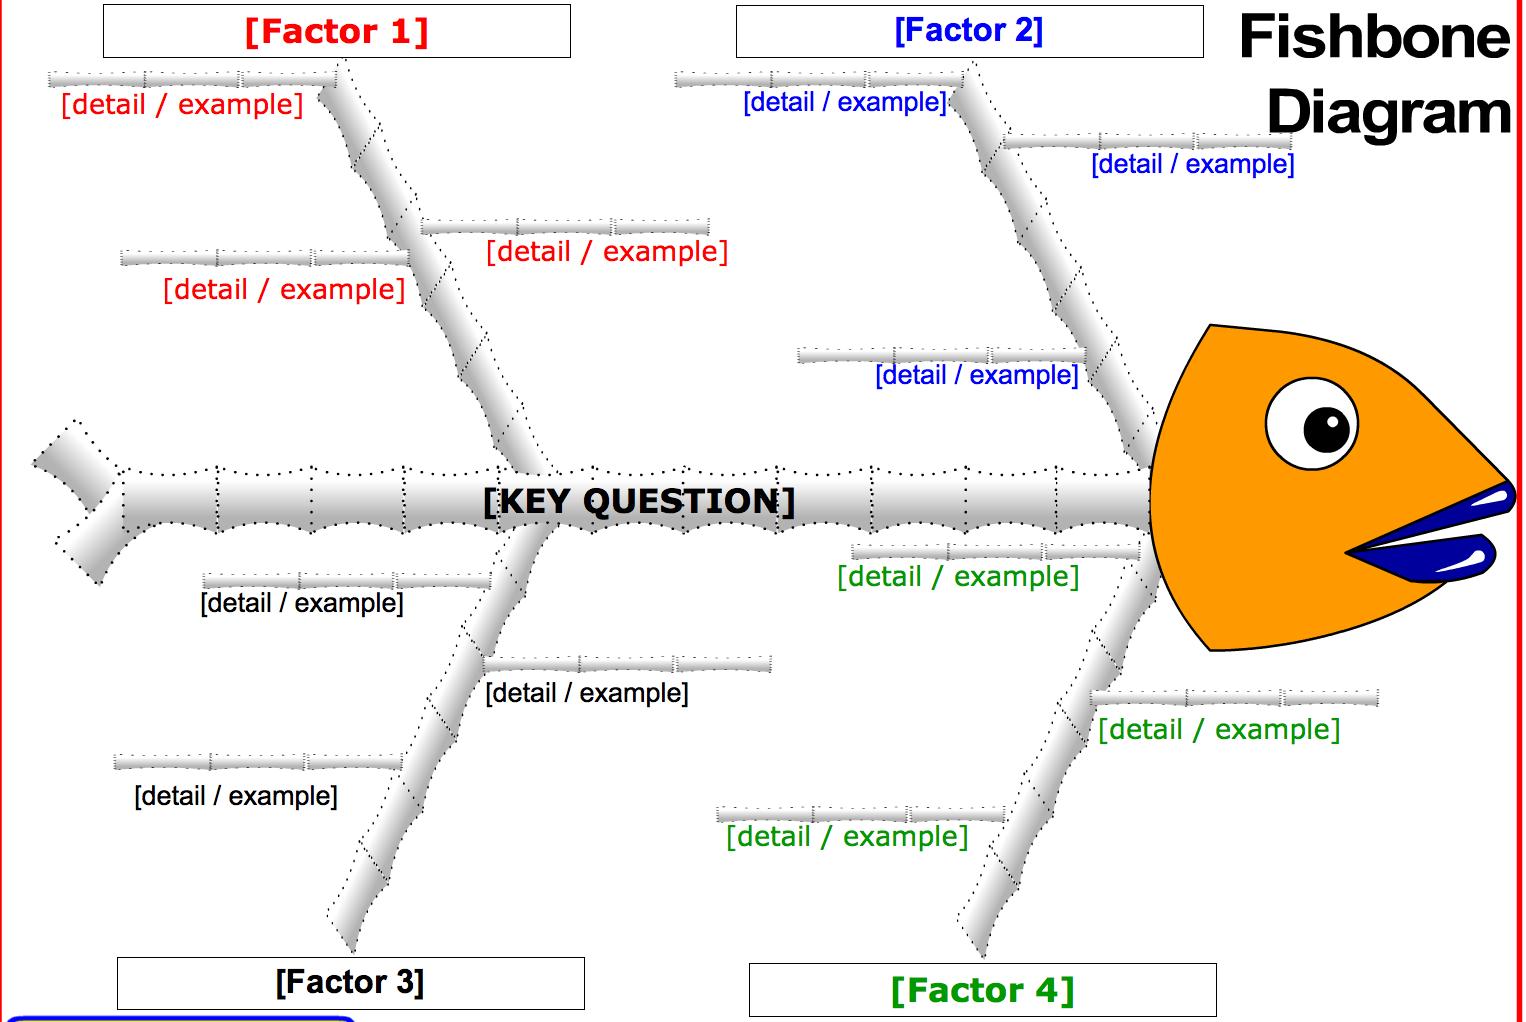 Digital Fishbone Diagram And Hamburger Paragraph Diagram